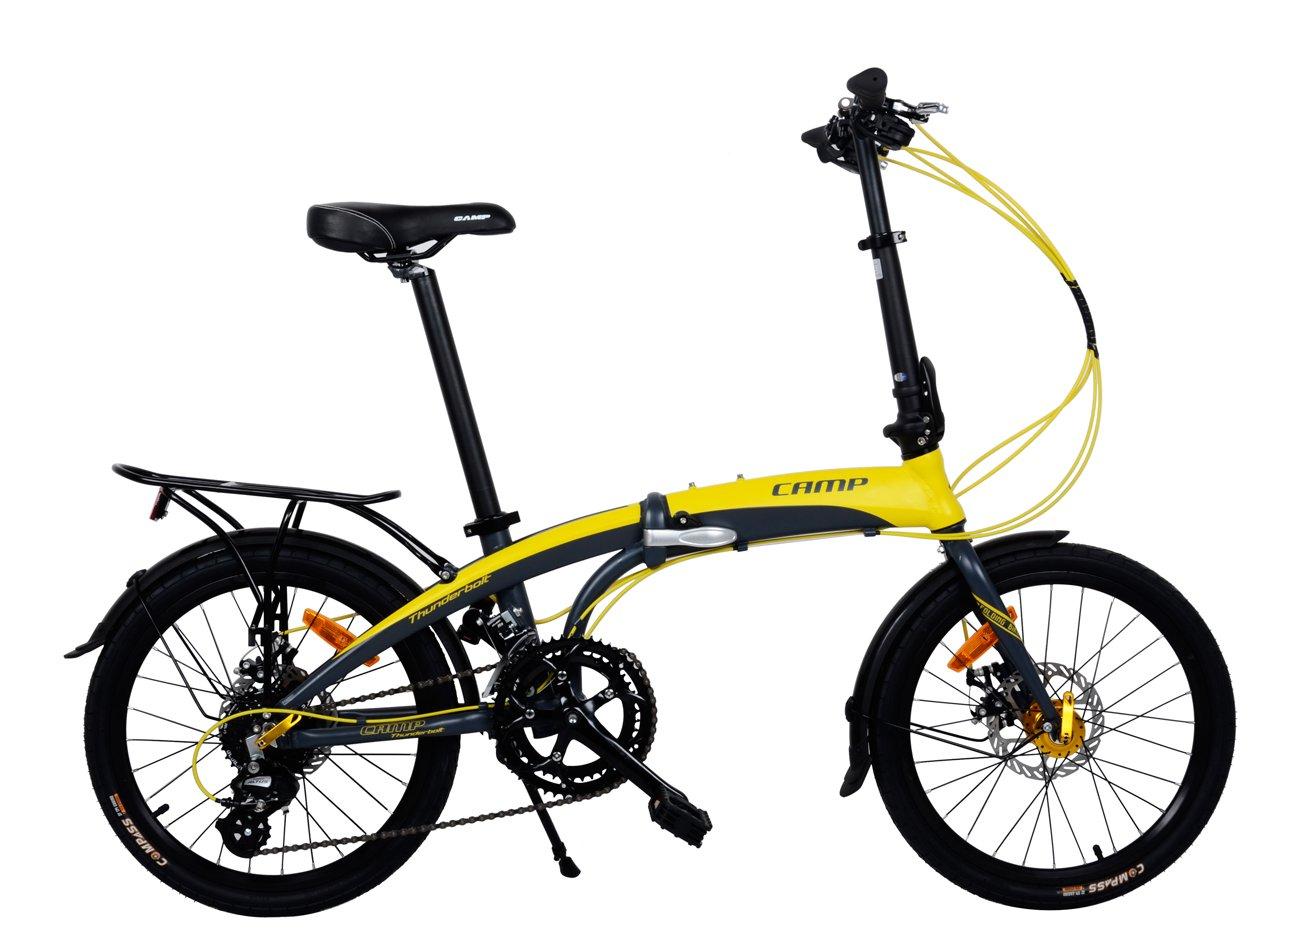 Camp 20 Folding Bike Shimano 16 Speed Thunderbolt